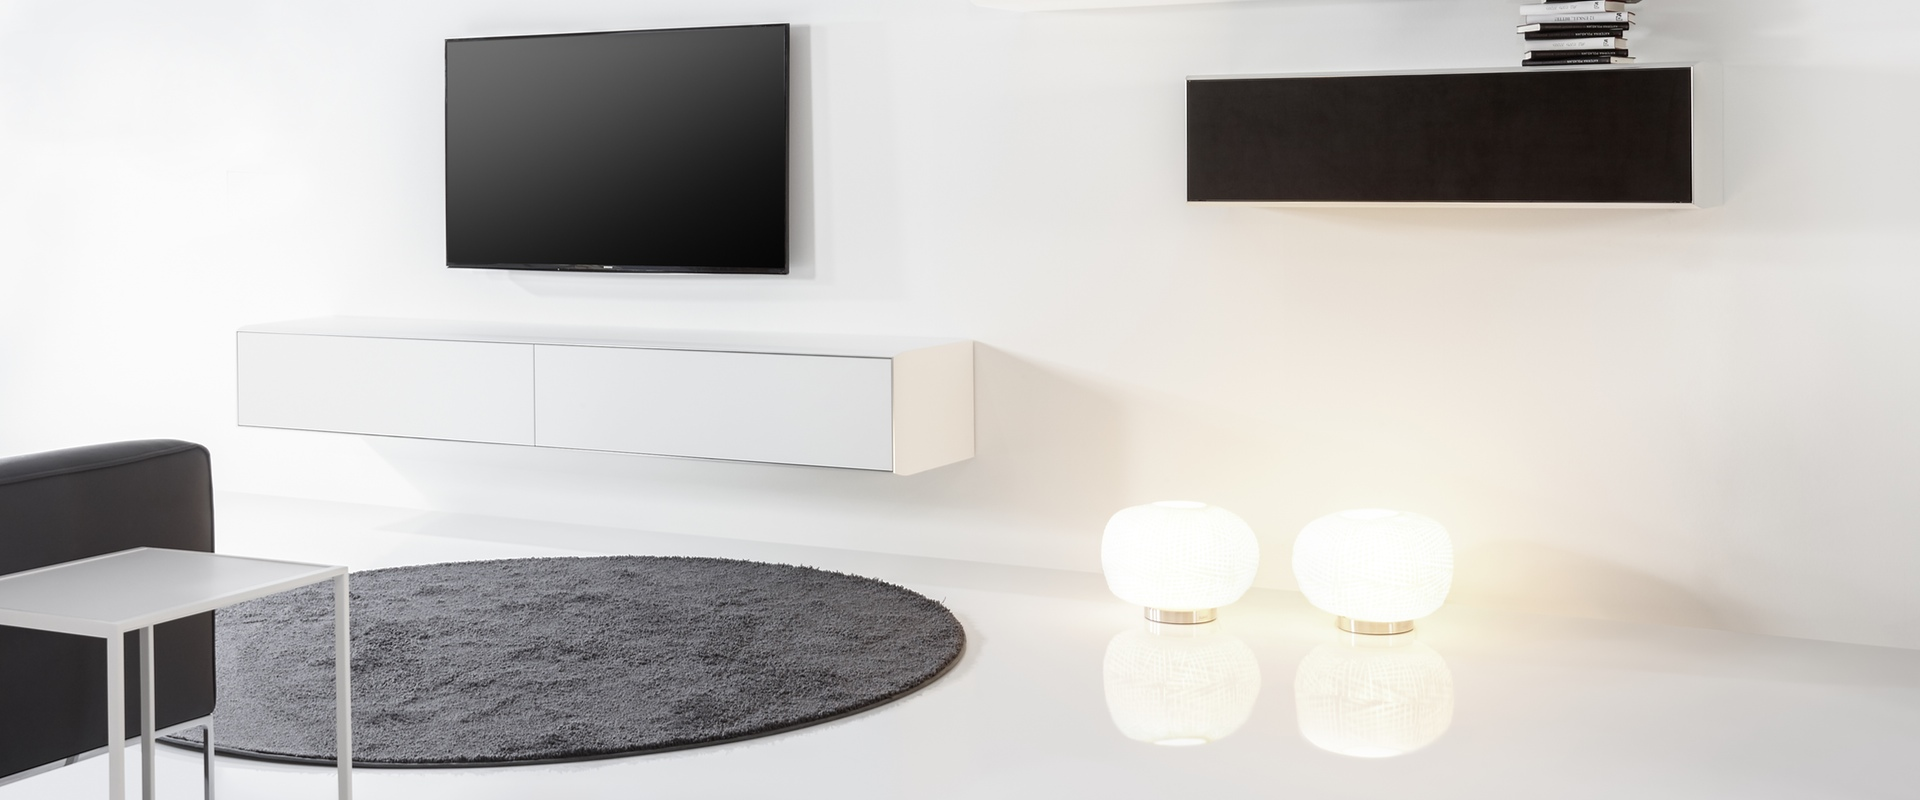 Die Serie S100 von YOMEI bei Hans G. Bock: Modern kombiniert in Schwarz und Weiß.